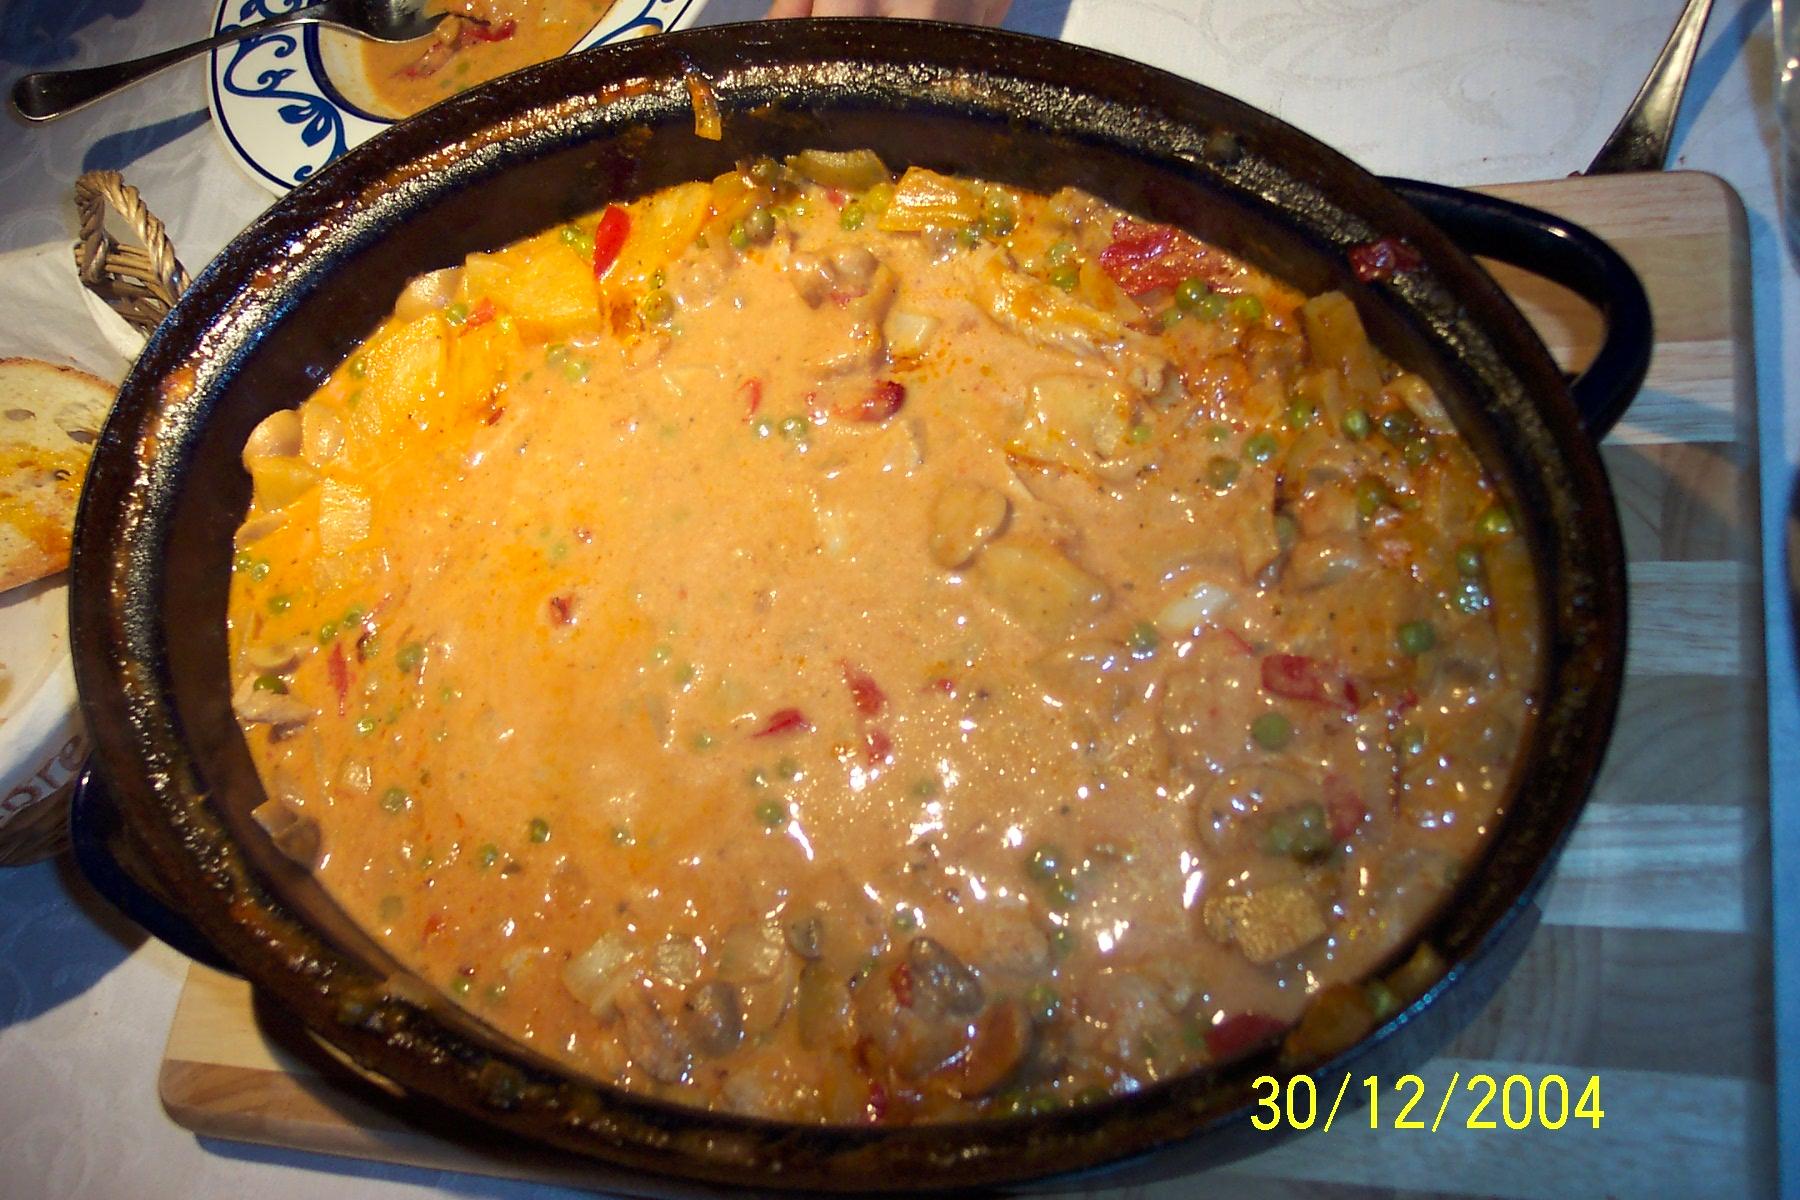 rezept backofen einfache partygerichte On einfache partygerichte